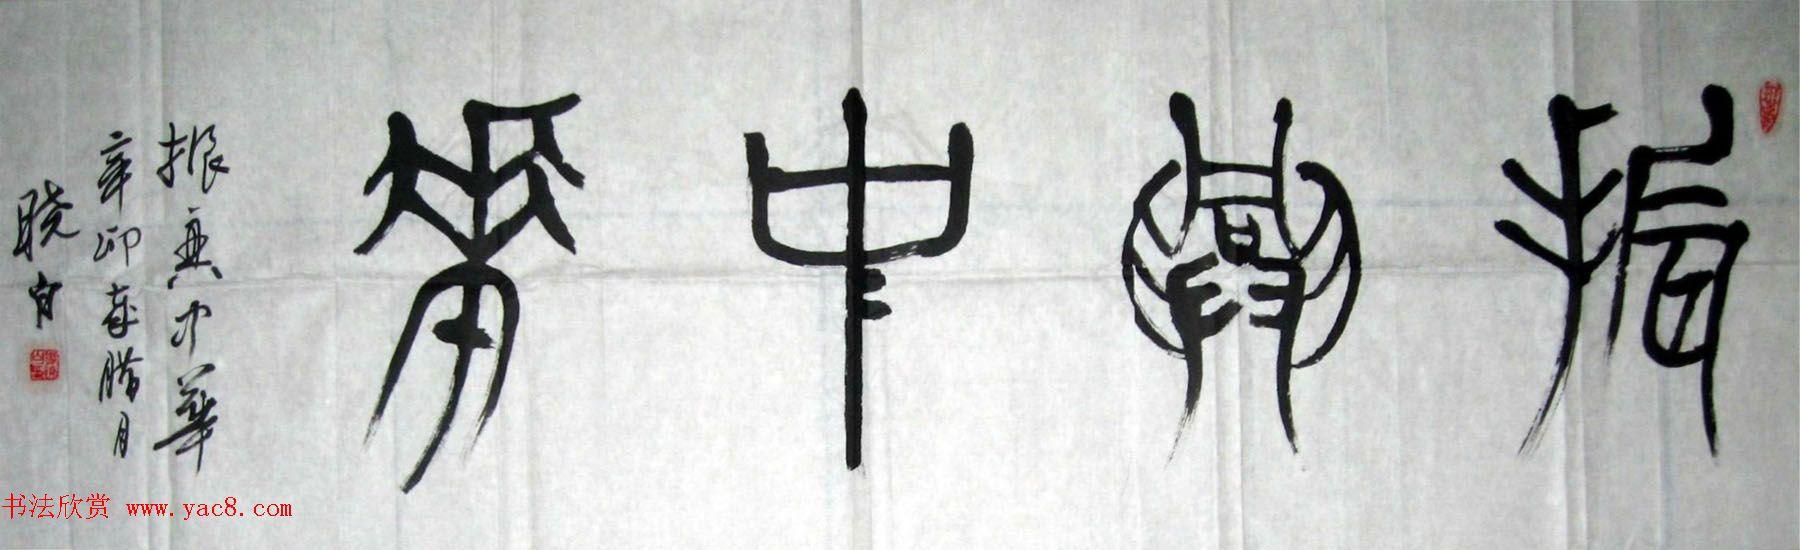 大篆 大篆小篆的书法对照 大篆和小篆的区别图片